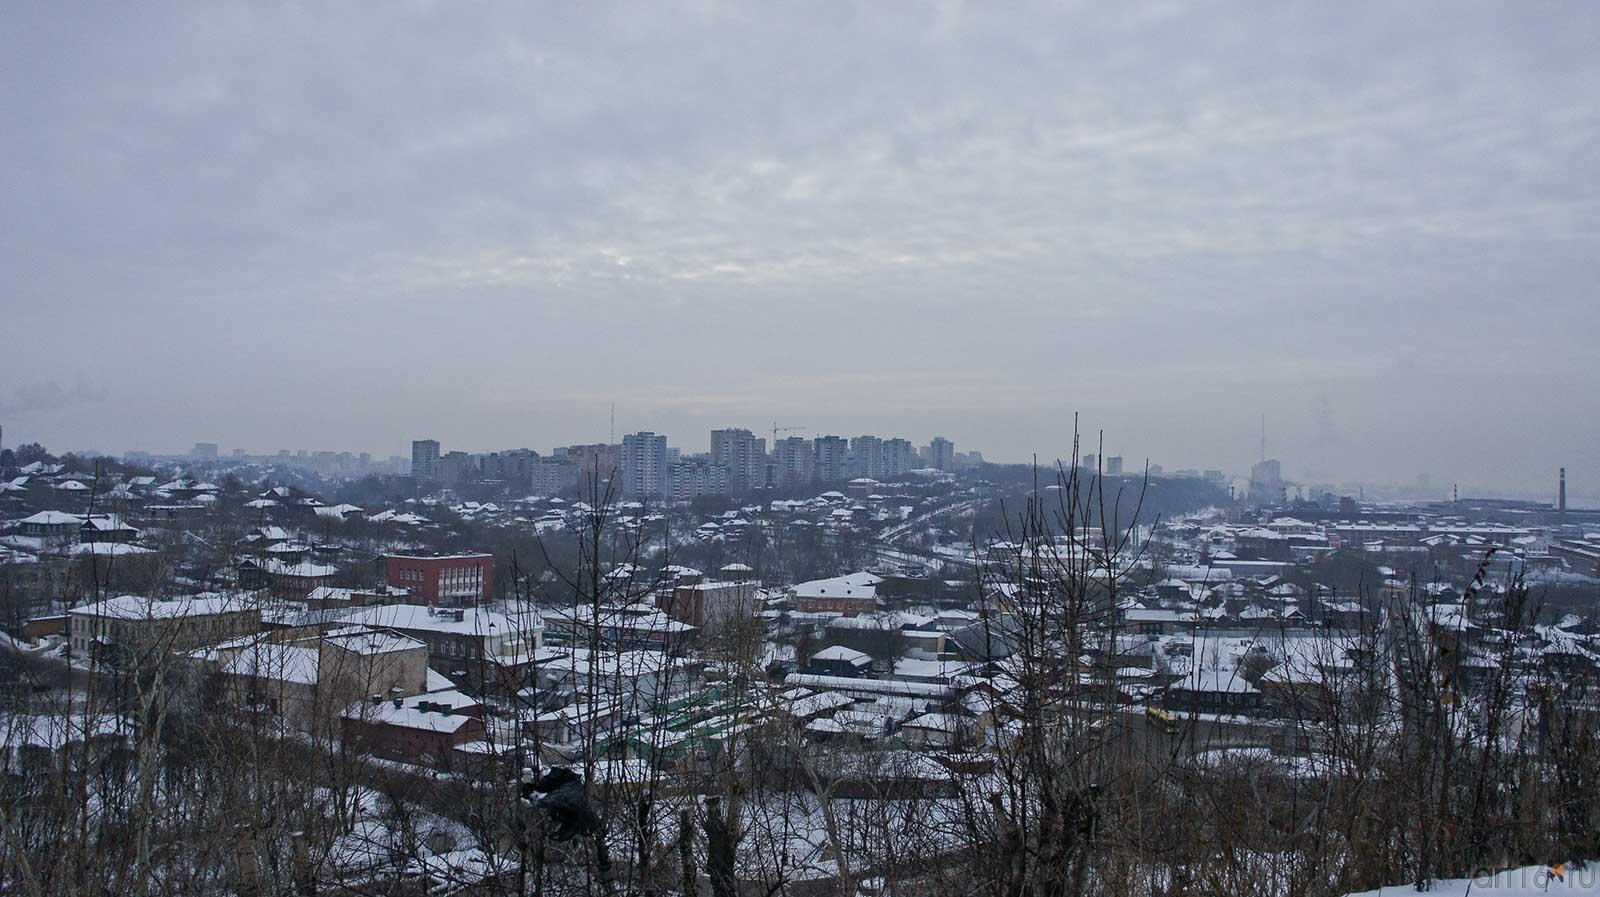 Вид на  город с горы Вышка. Пермь, январь 2011::Мотовилиха